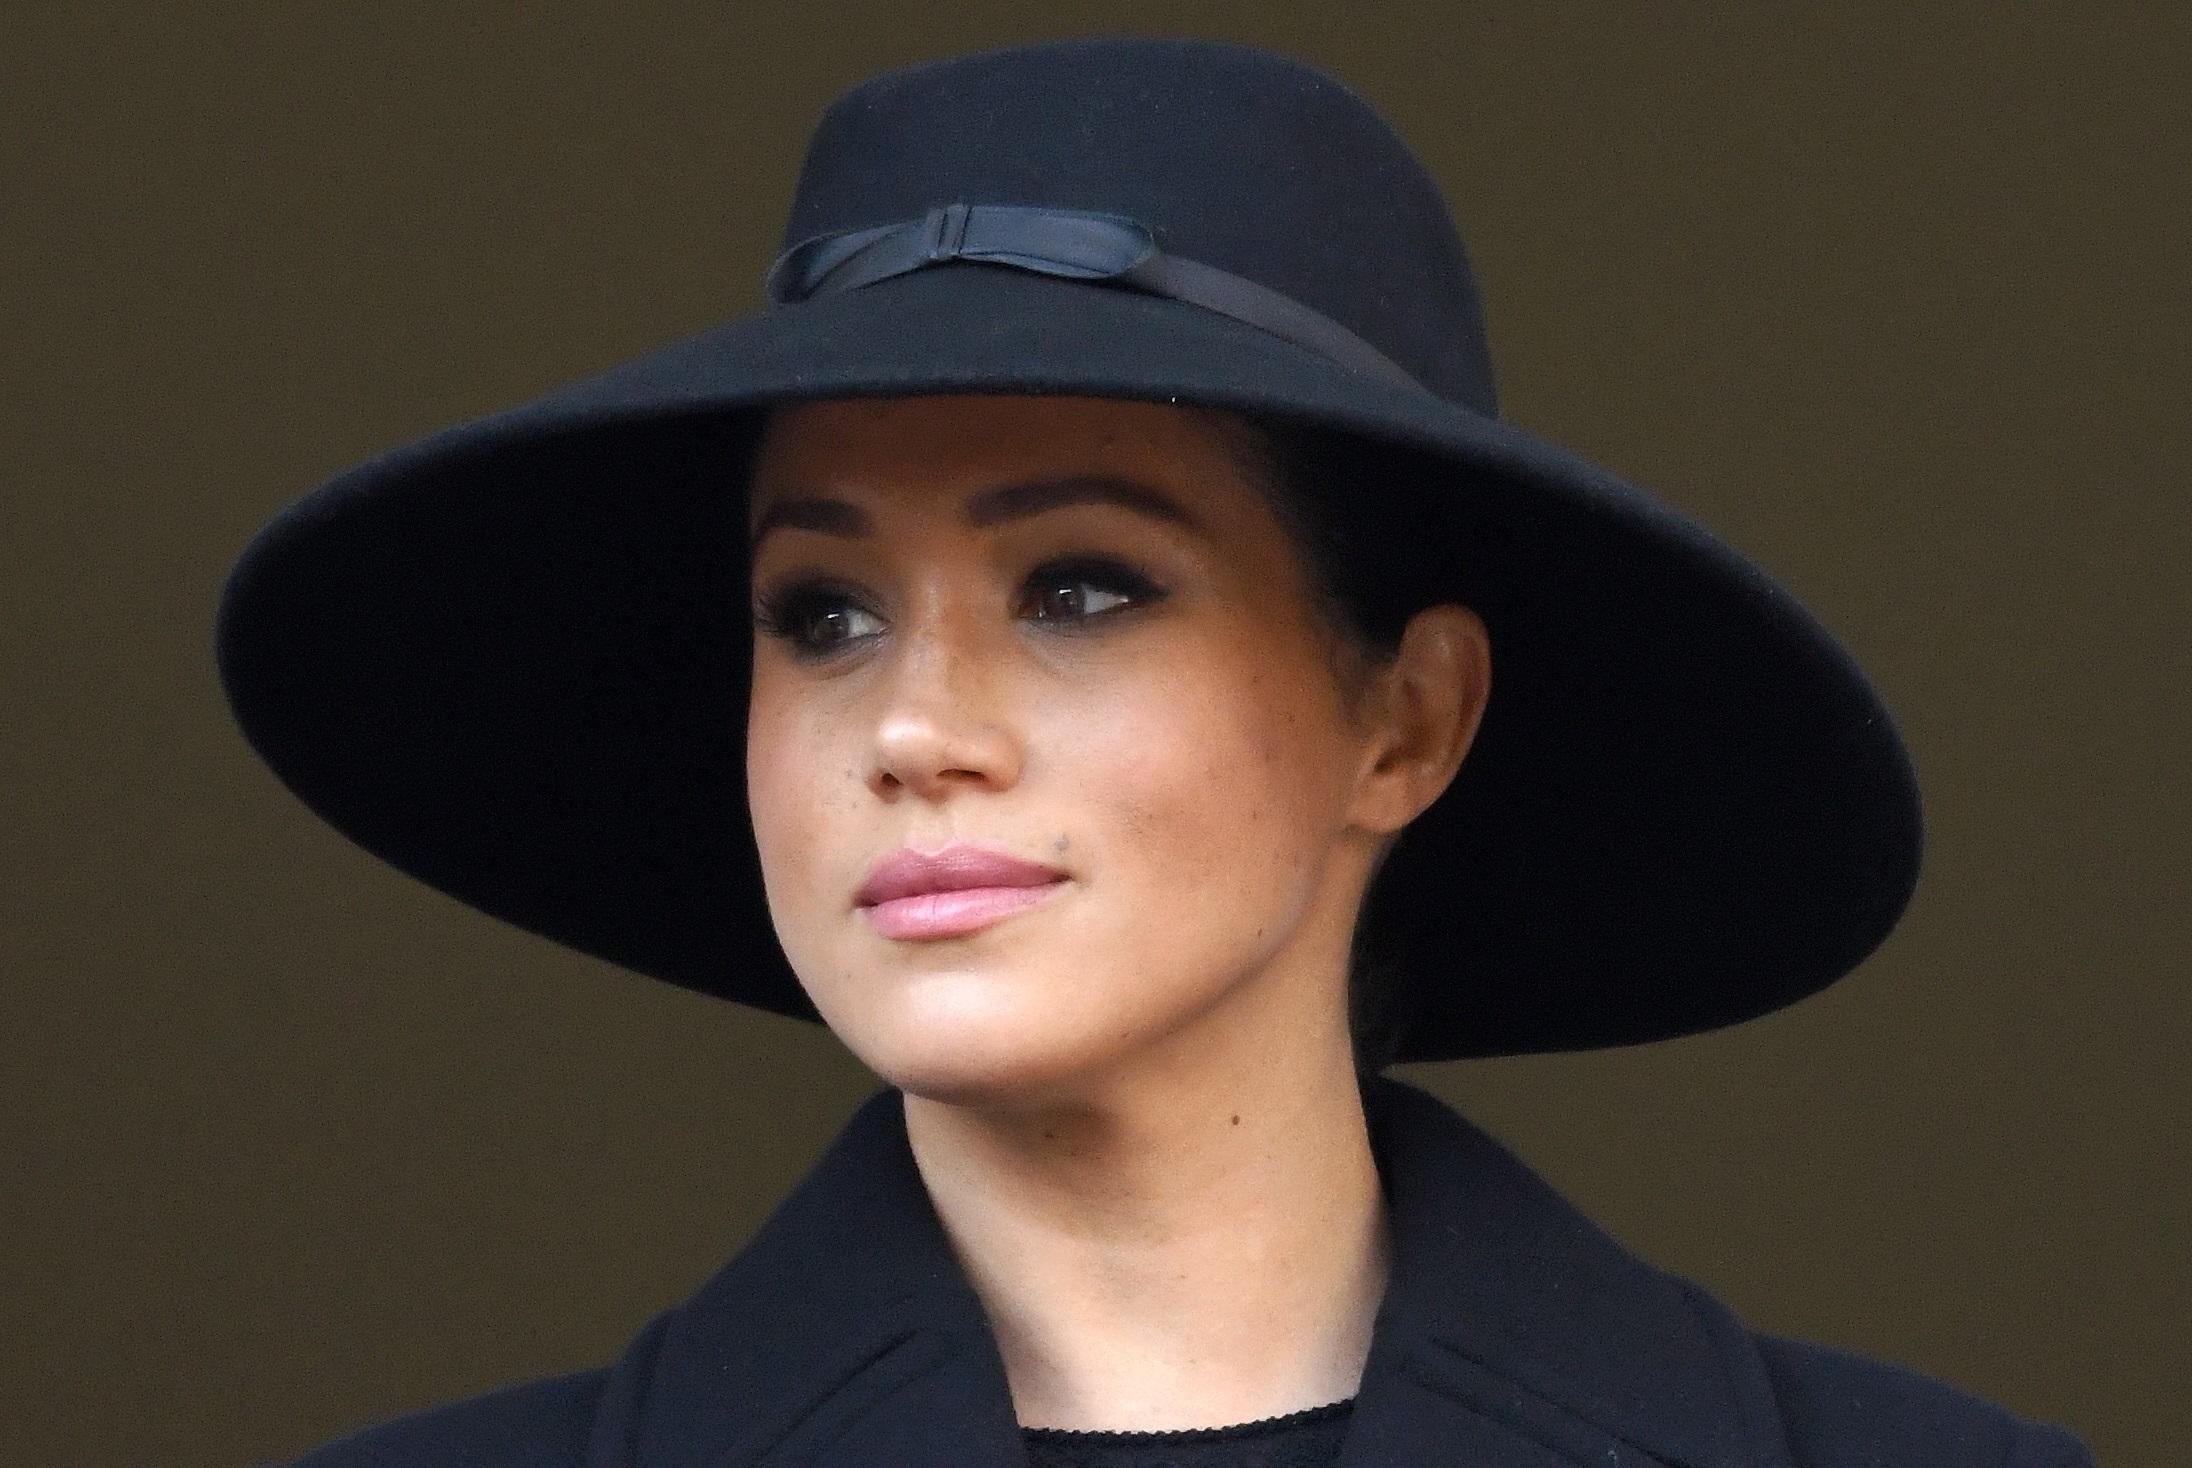 Meghan, duchessa di Sussex, partecipa all'annuale Memoria della Domenica del Ricordo presso il Cenotafio il 10 novembre 2019 a Londra, Inghilterra